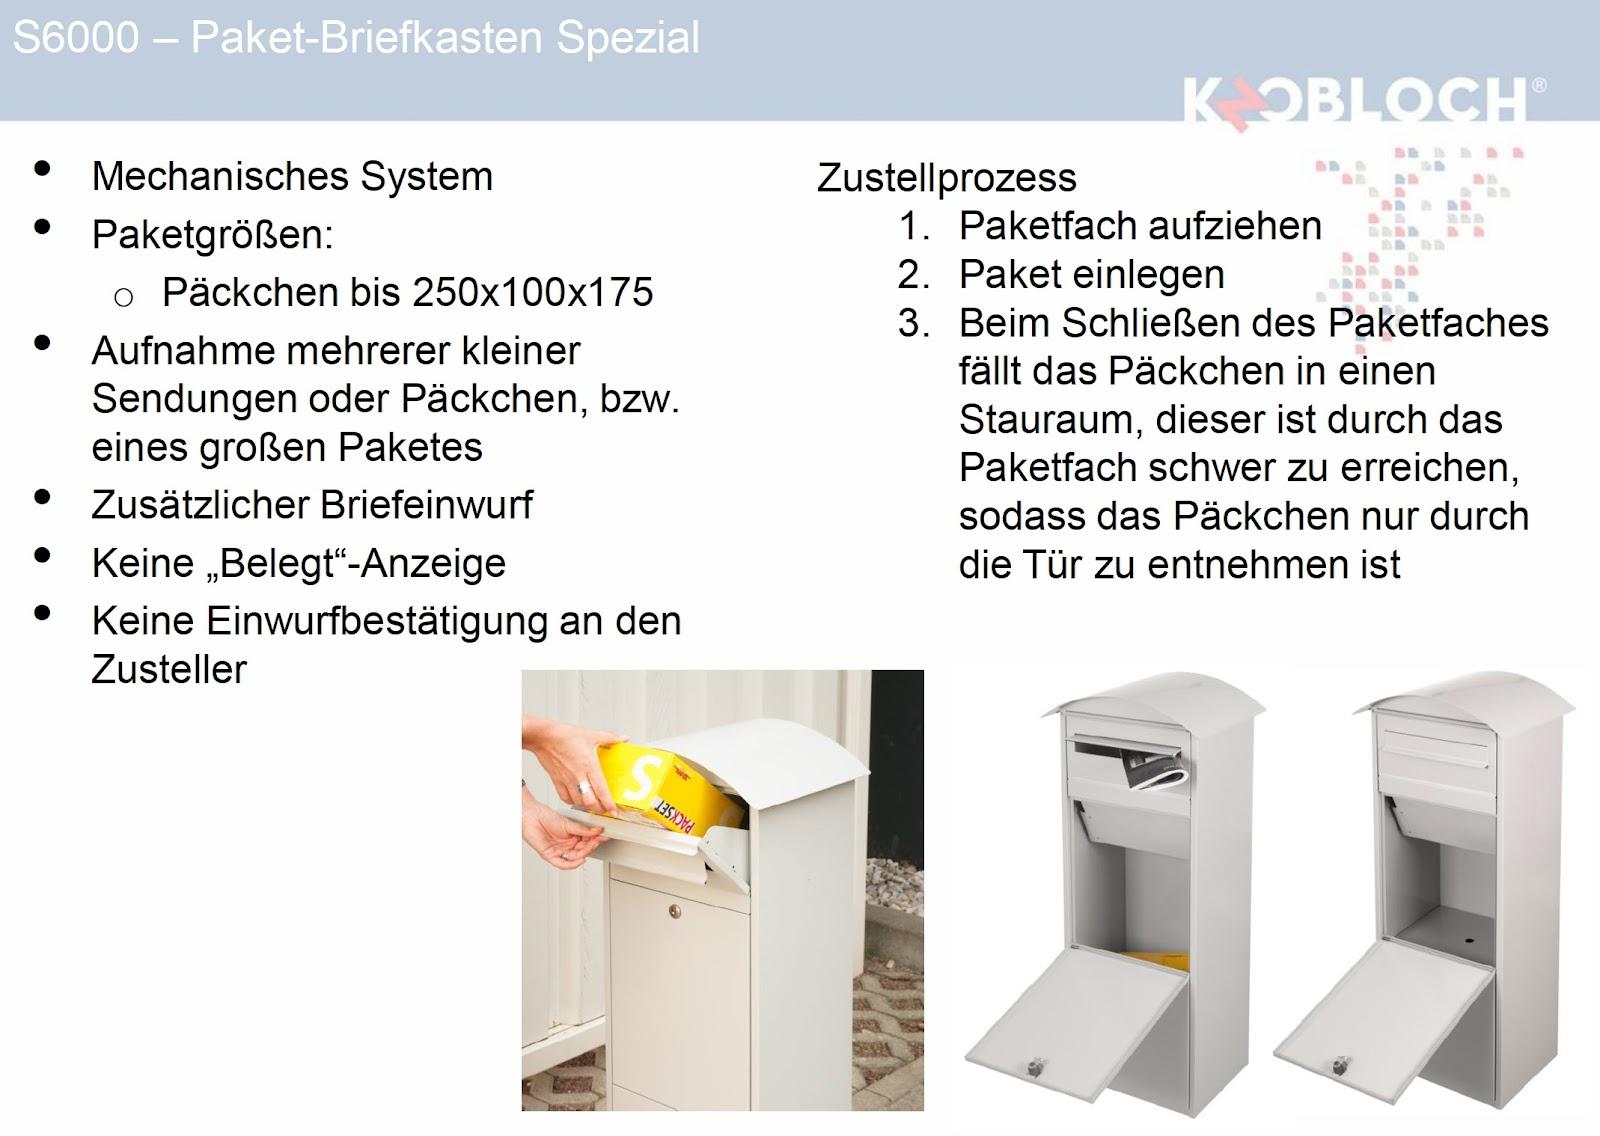 KNOBLOCH_Paketkästen_pdf II.jpg